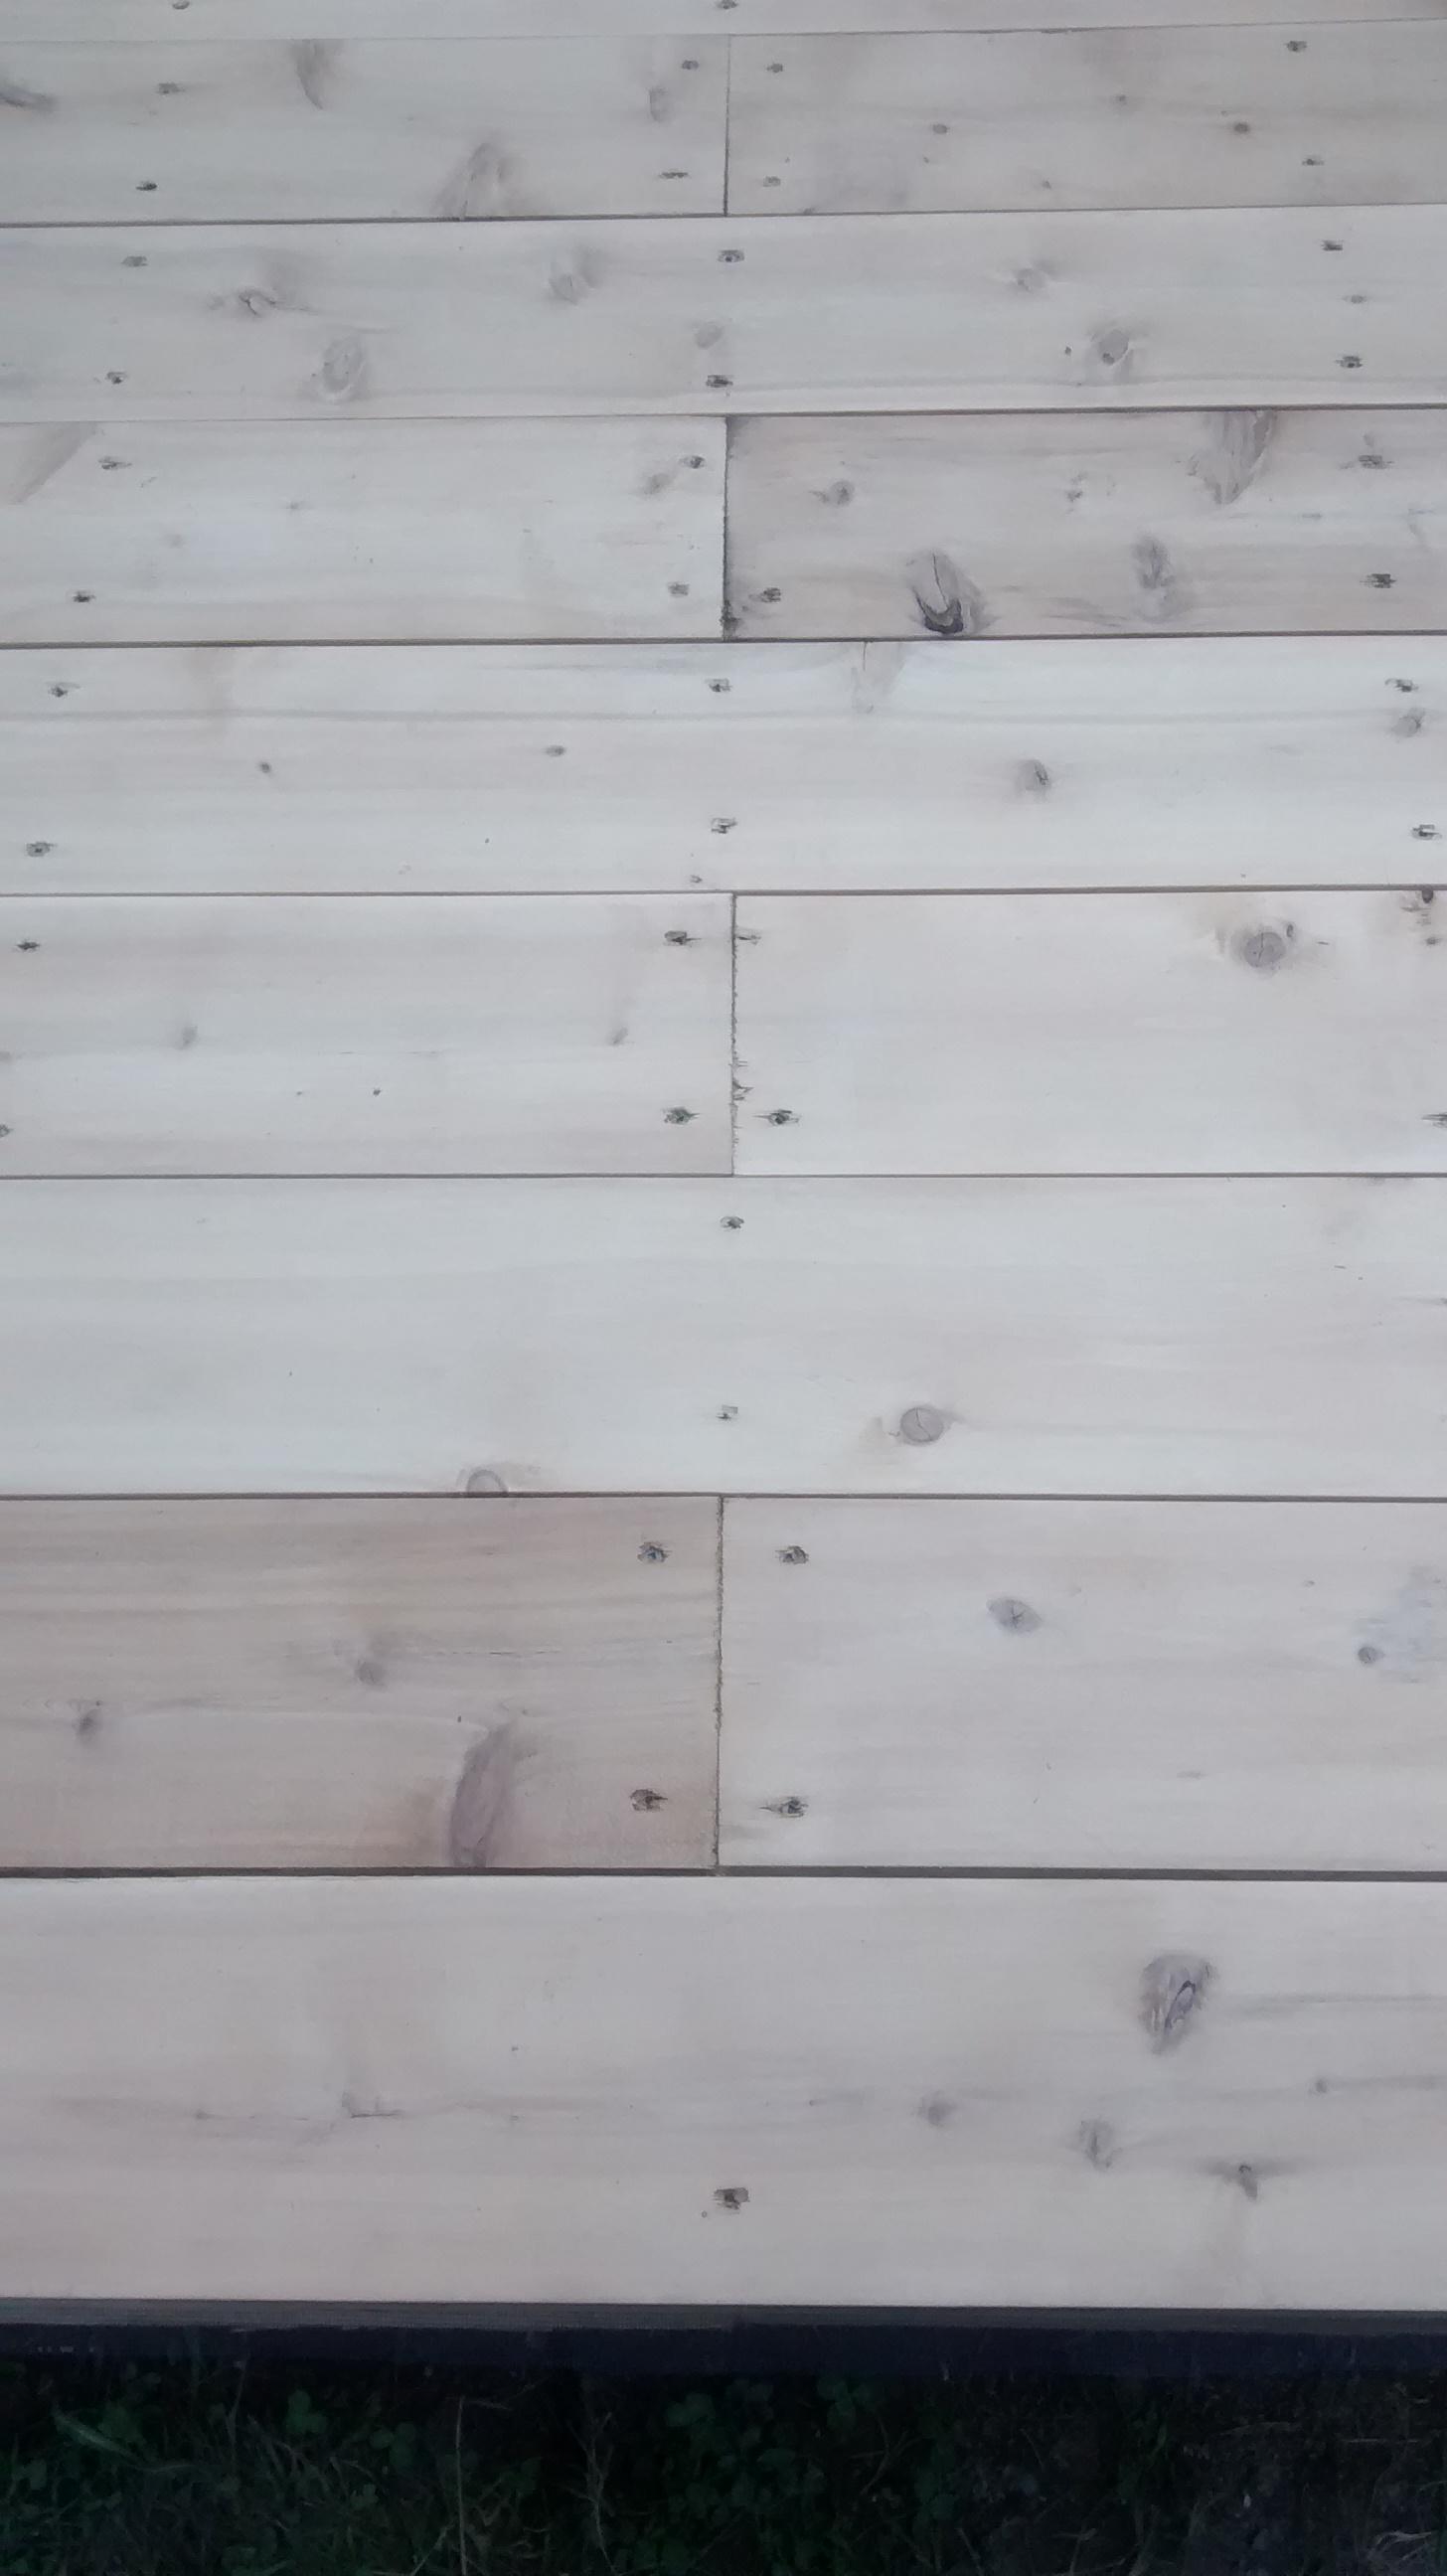 Les d savantages du bois trait construction f lix - Teinture bois blanc ...